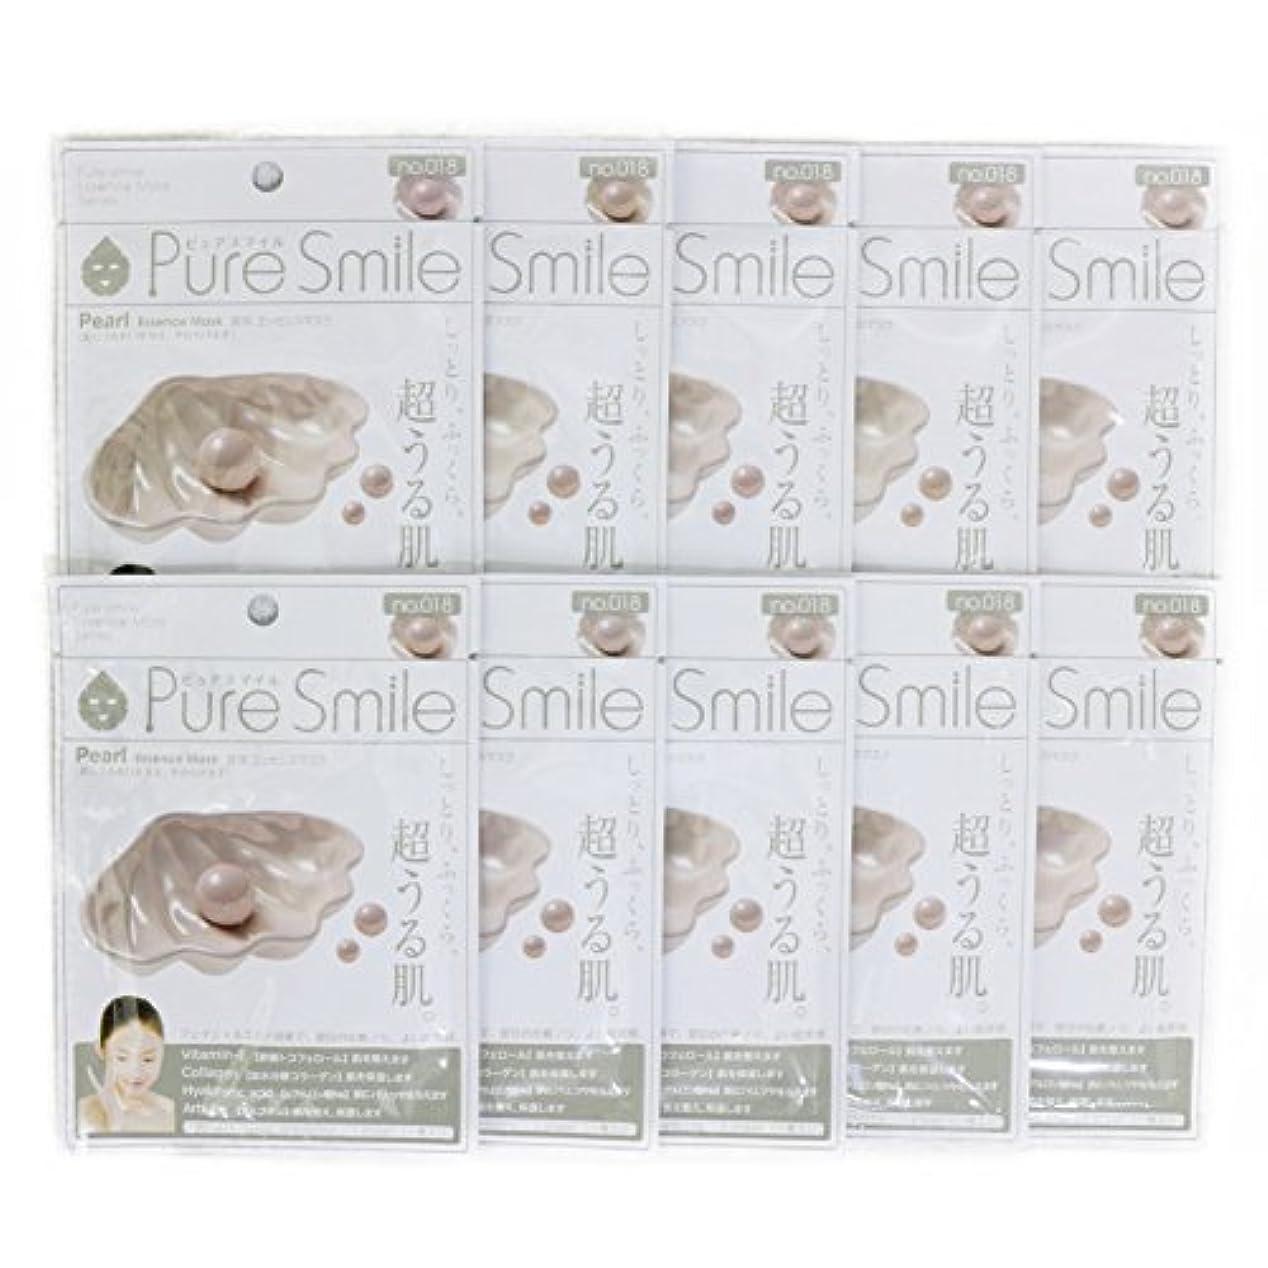 ポット到着倍増Pure Smile ピュアスマイル エッセンスマスク 真珠 10枚セット